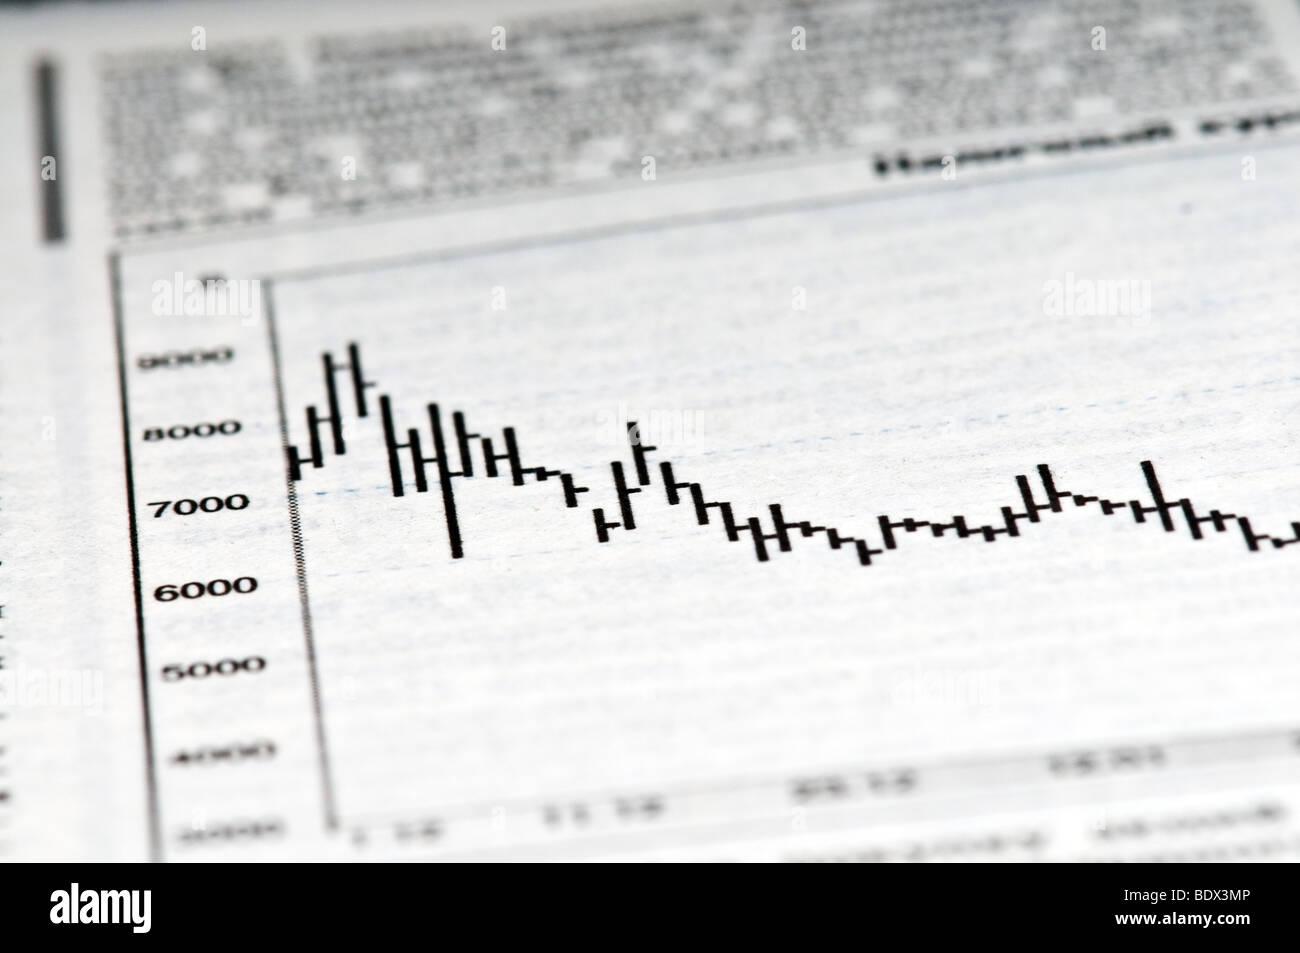 Analisi di un grafico azionario stampato in un giornale finanziario Immagini Stock